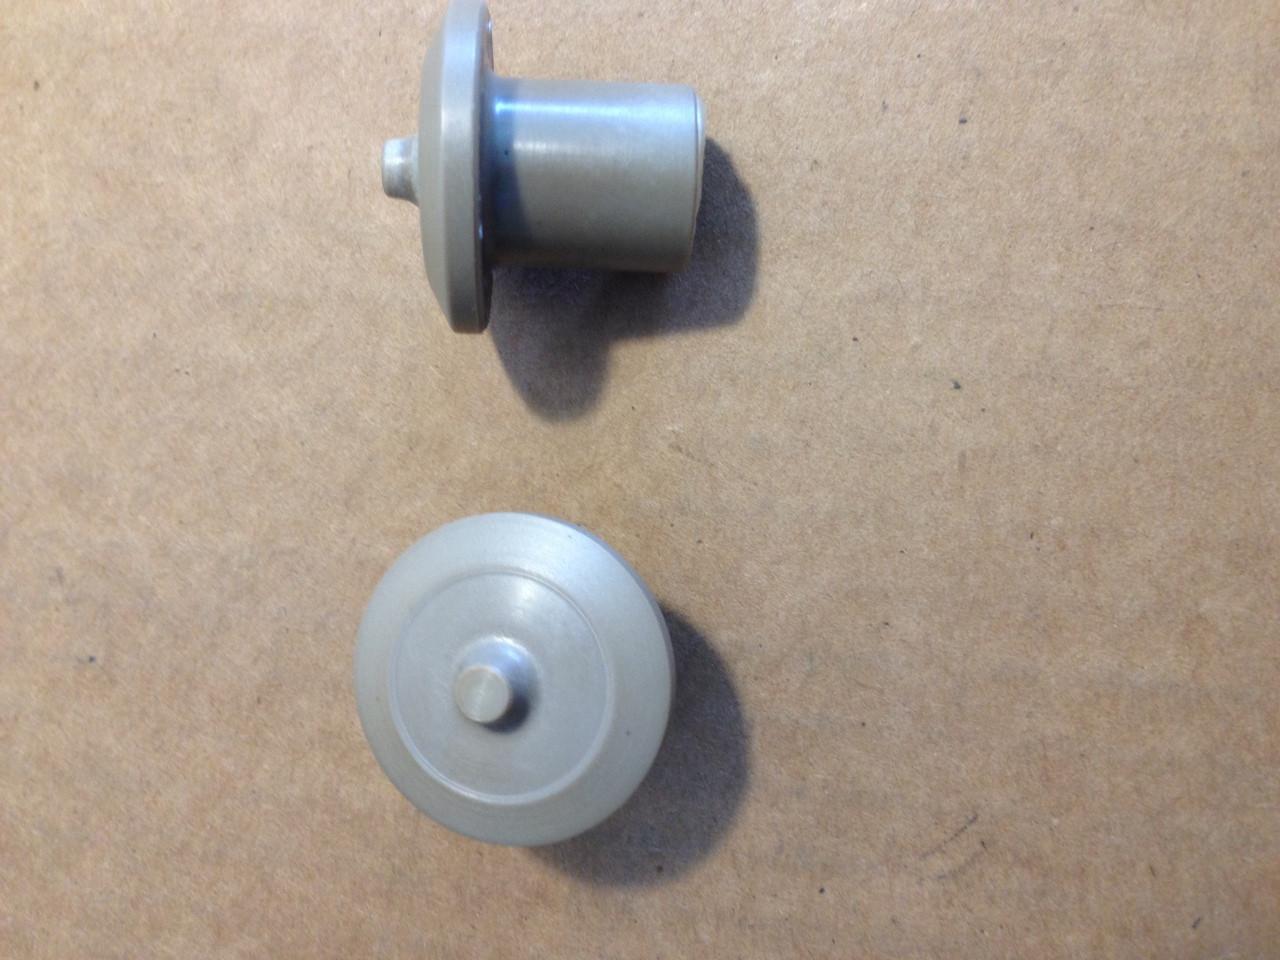 Stokes 607-415-001 VALVE POPPET 148 212 412 for 412J